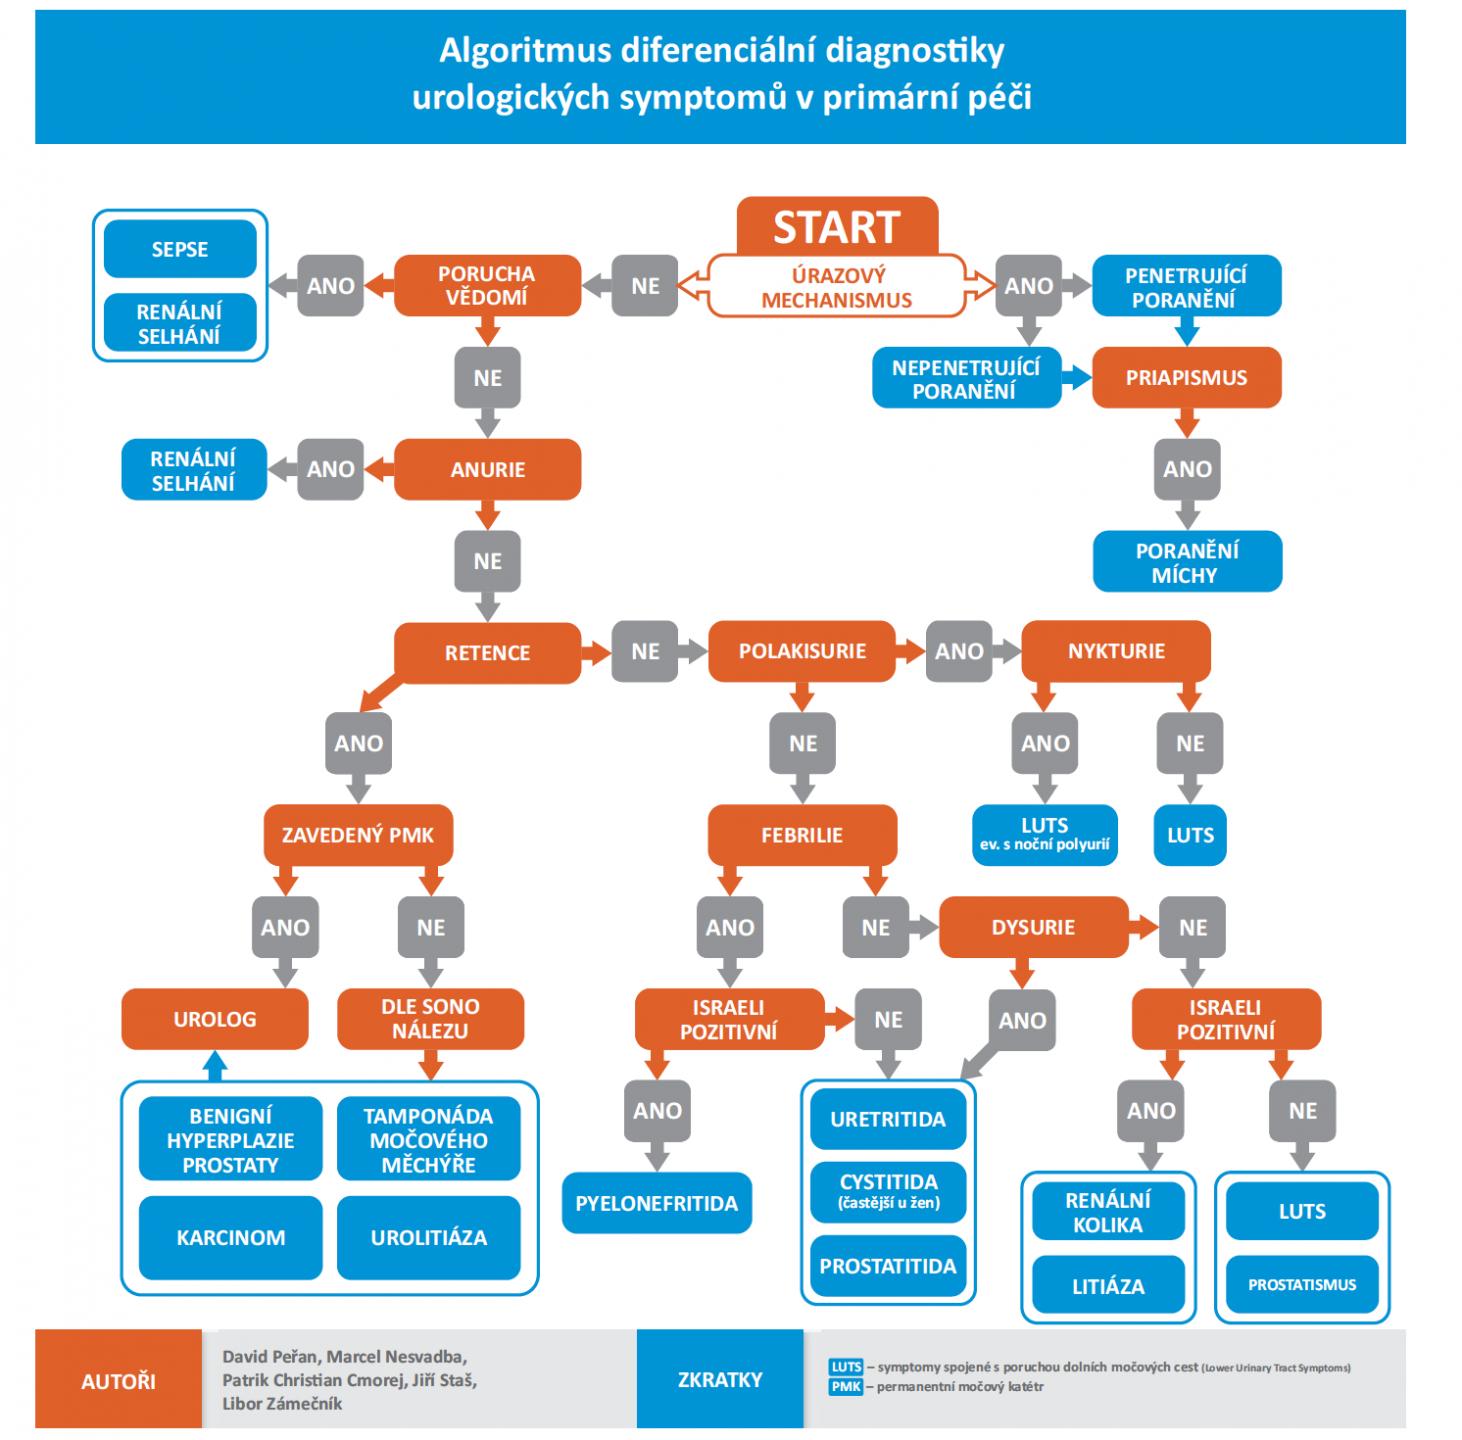 Algoritmus diferenciální diagnostiky urologických symptomů v primární péči